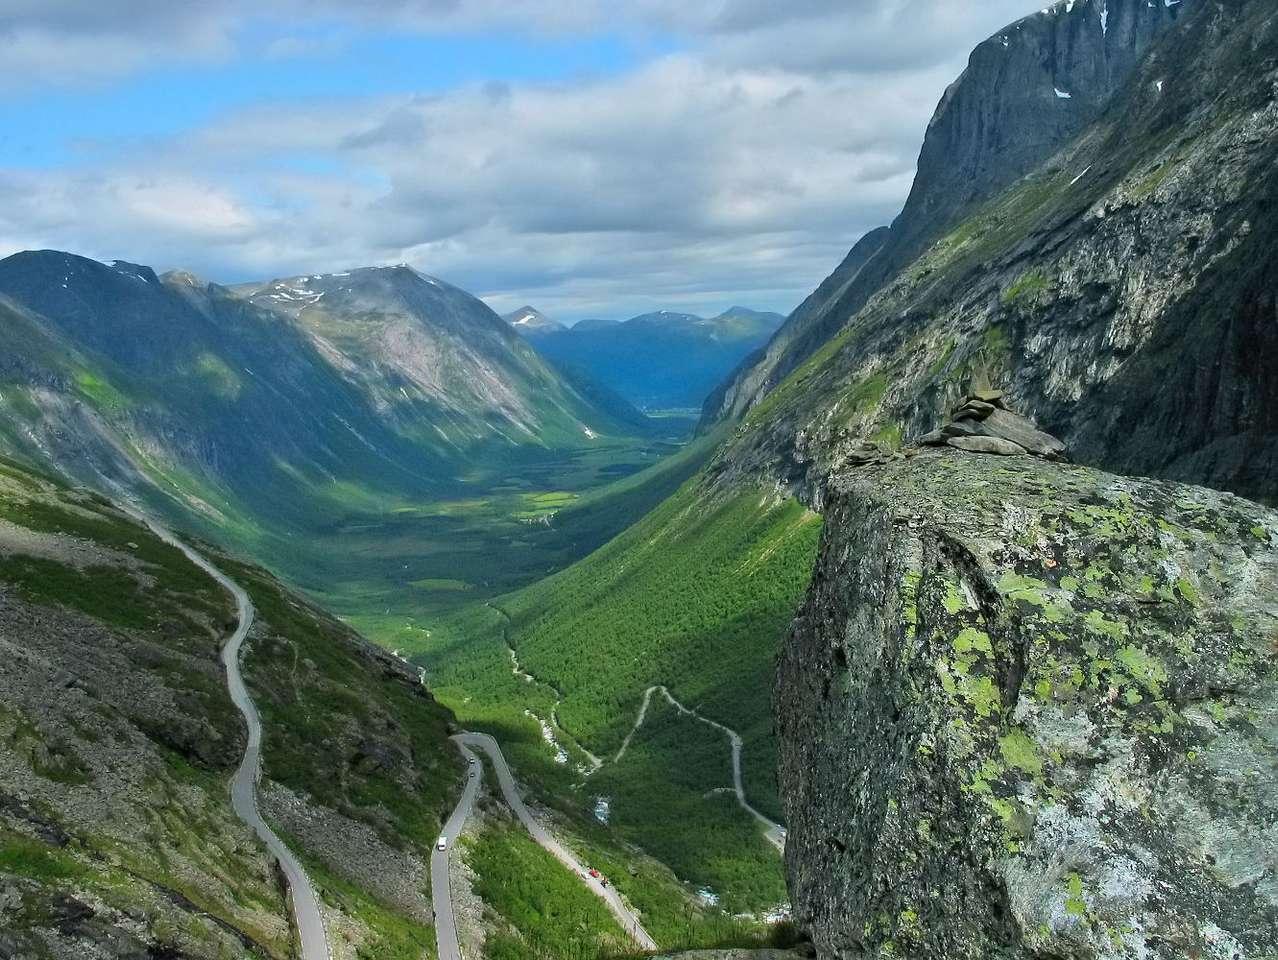 Dolina Isterdalen i Drabina Trolli (Norwegia) - Trollstigen (Drabina Trolli) to niezwykle kręta, górska droga łącząca doliny Isterdalen i Valldal. Wybudowana w 8 lat droga została otwarta w 1936 roku. Jej średnie nachylenie wynosi 9%, co w p (11×8)